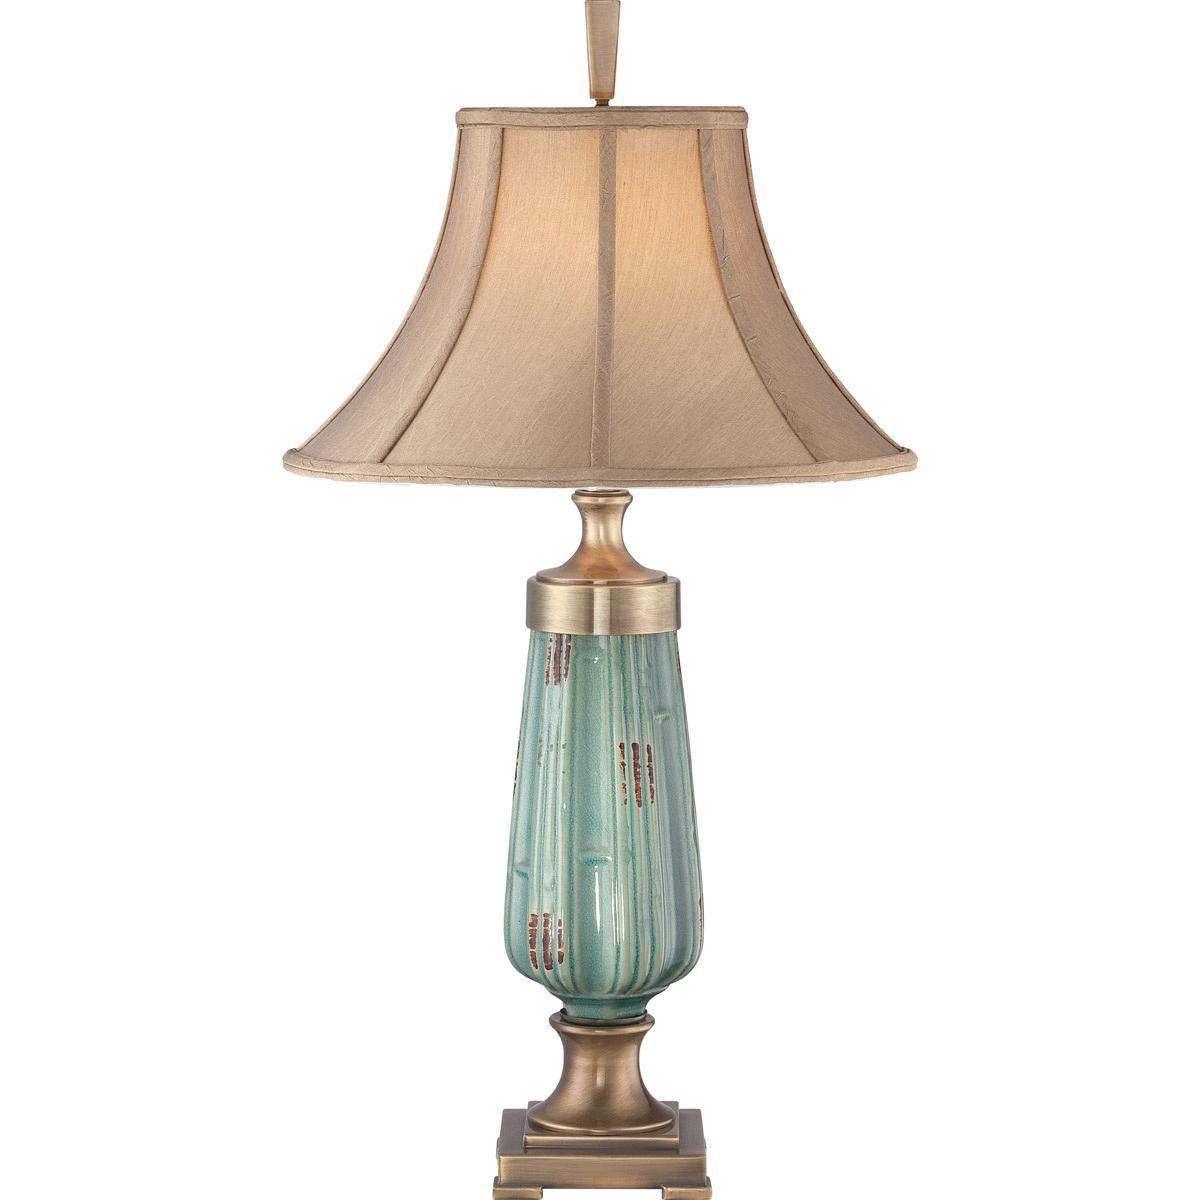 Quoizel Lighting Ckme1723t 1 Light Portable Table Lamp 100 Watt 120 Volt Tan Monteverde Table Floor Lamps Indoor Fixtures Lighting Lighting Hz Electric Supply